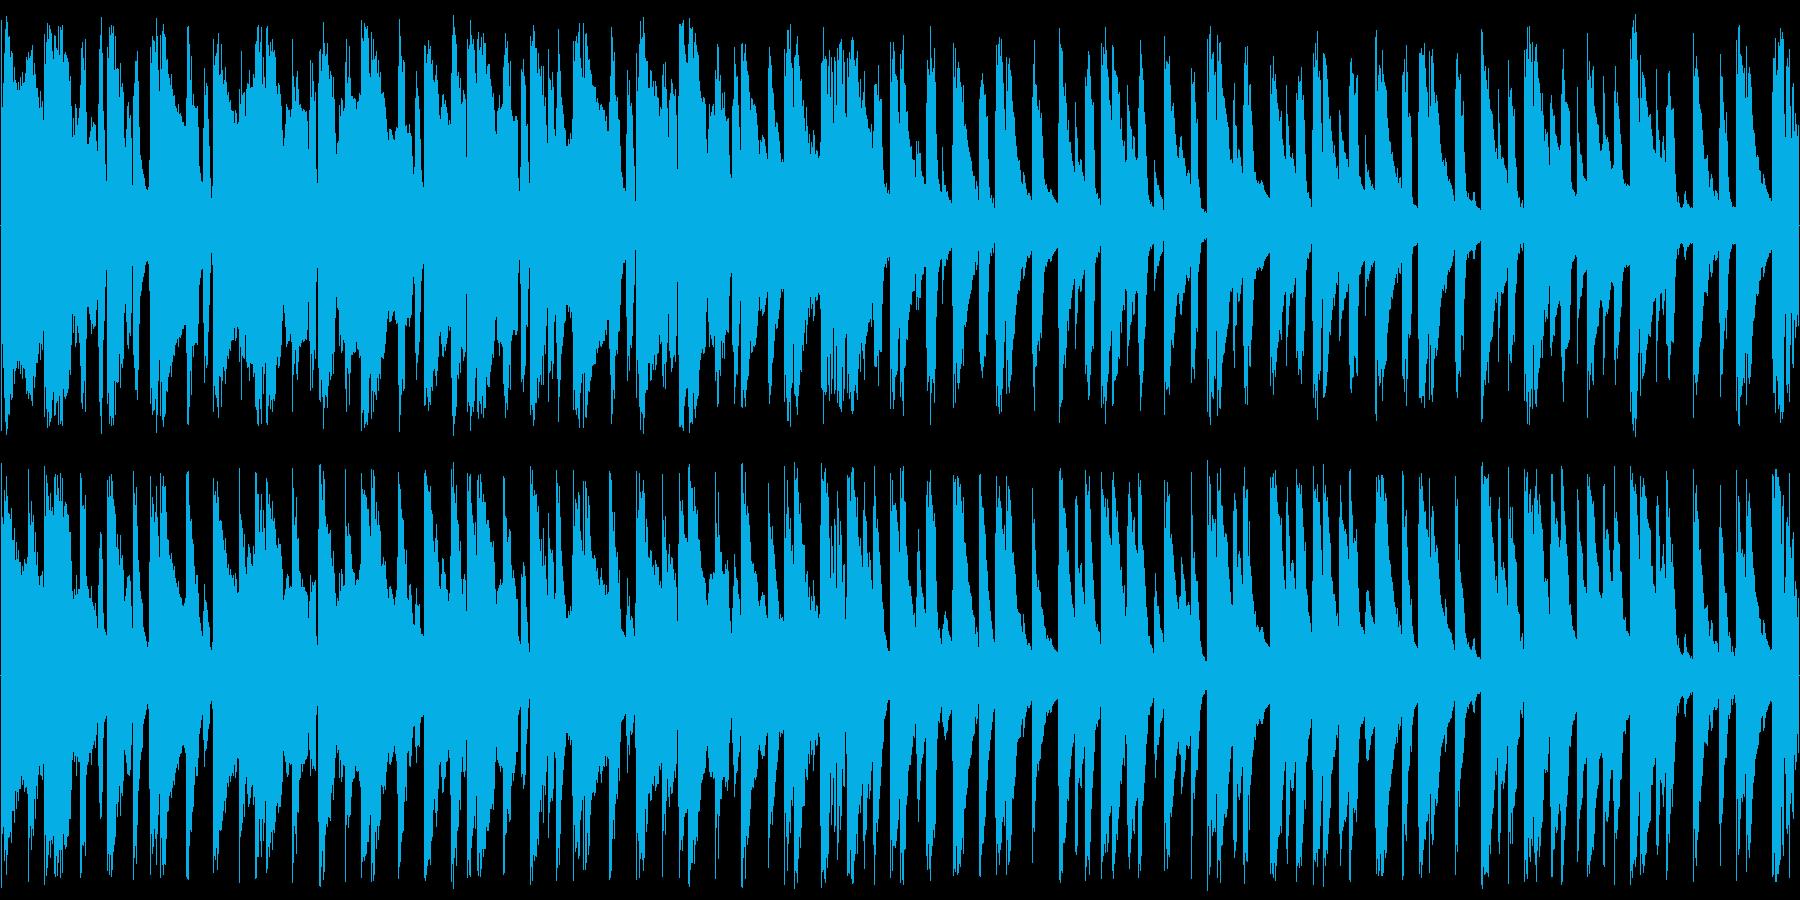 ほのぼのとした田舎の日常系BGMの再生済みの波形